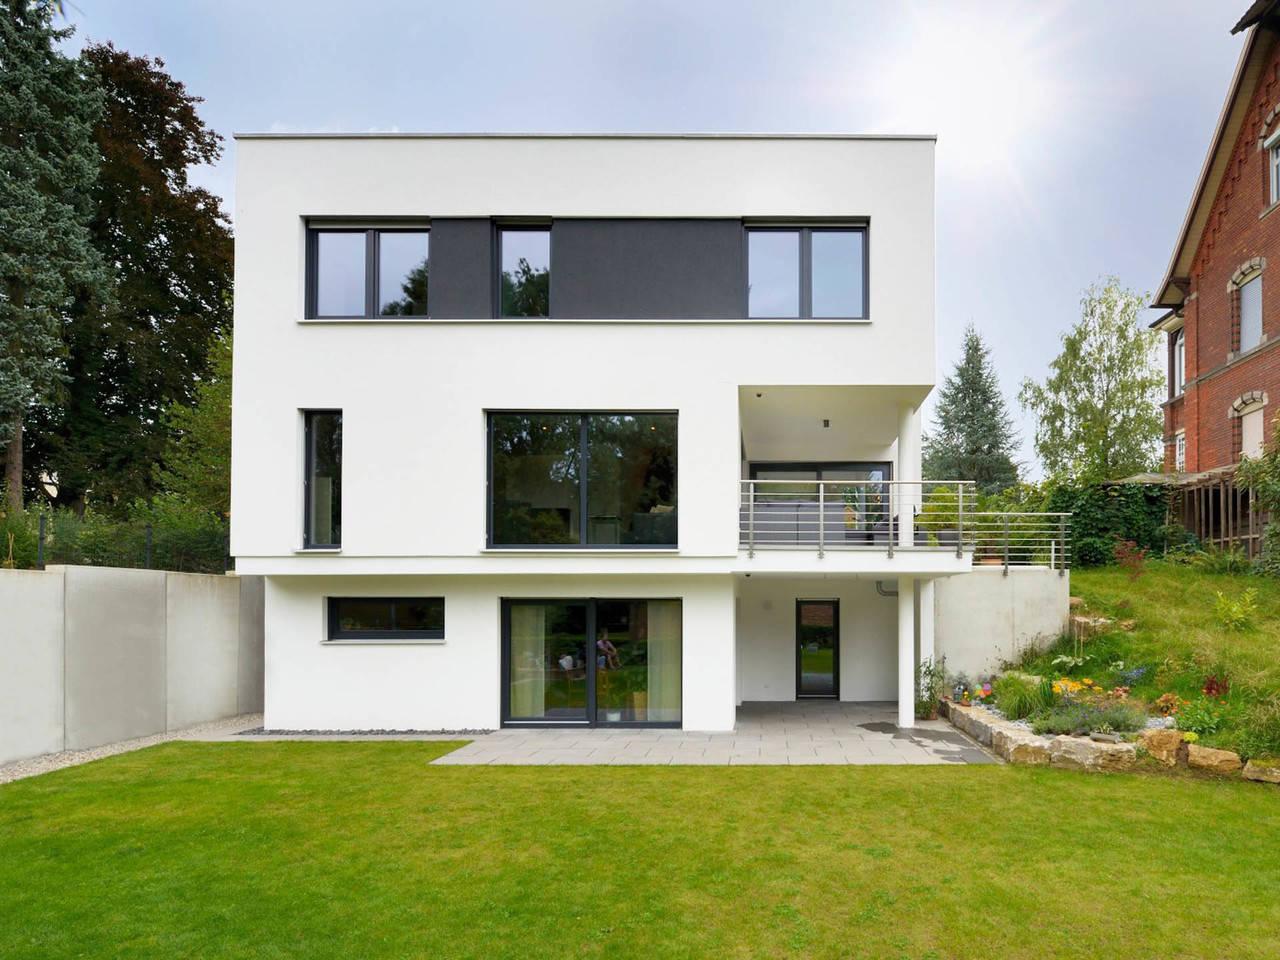 Fertighaus Weiss Bauhaus Hirsch Gartenansicht